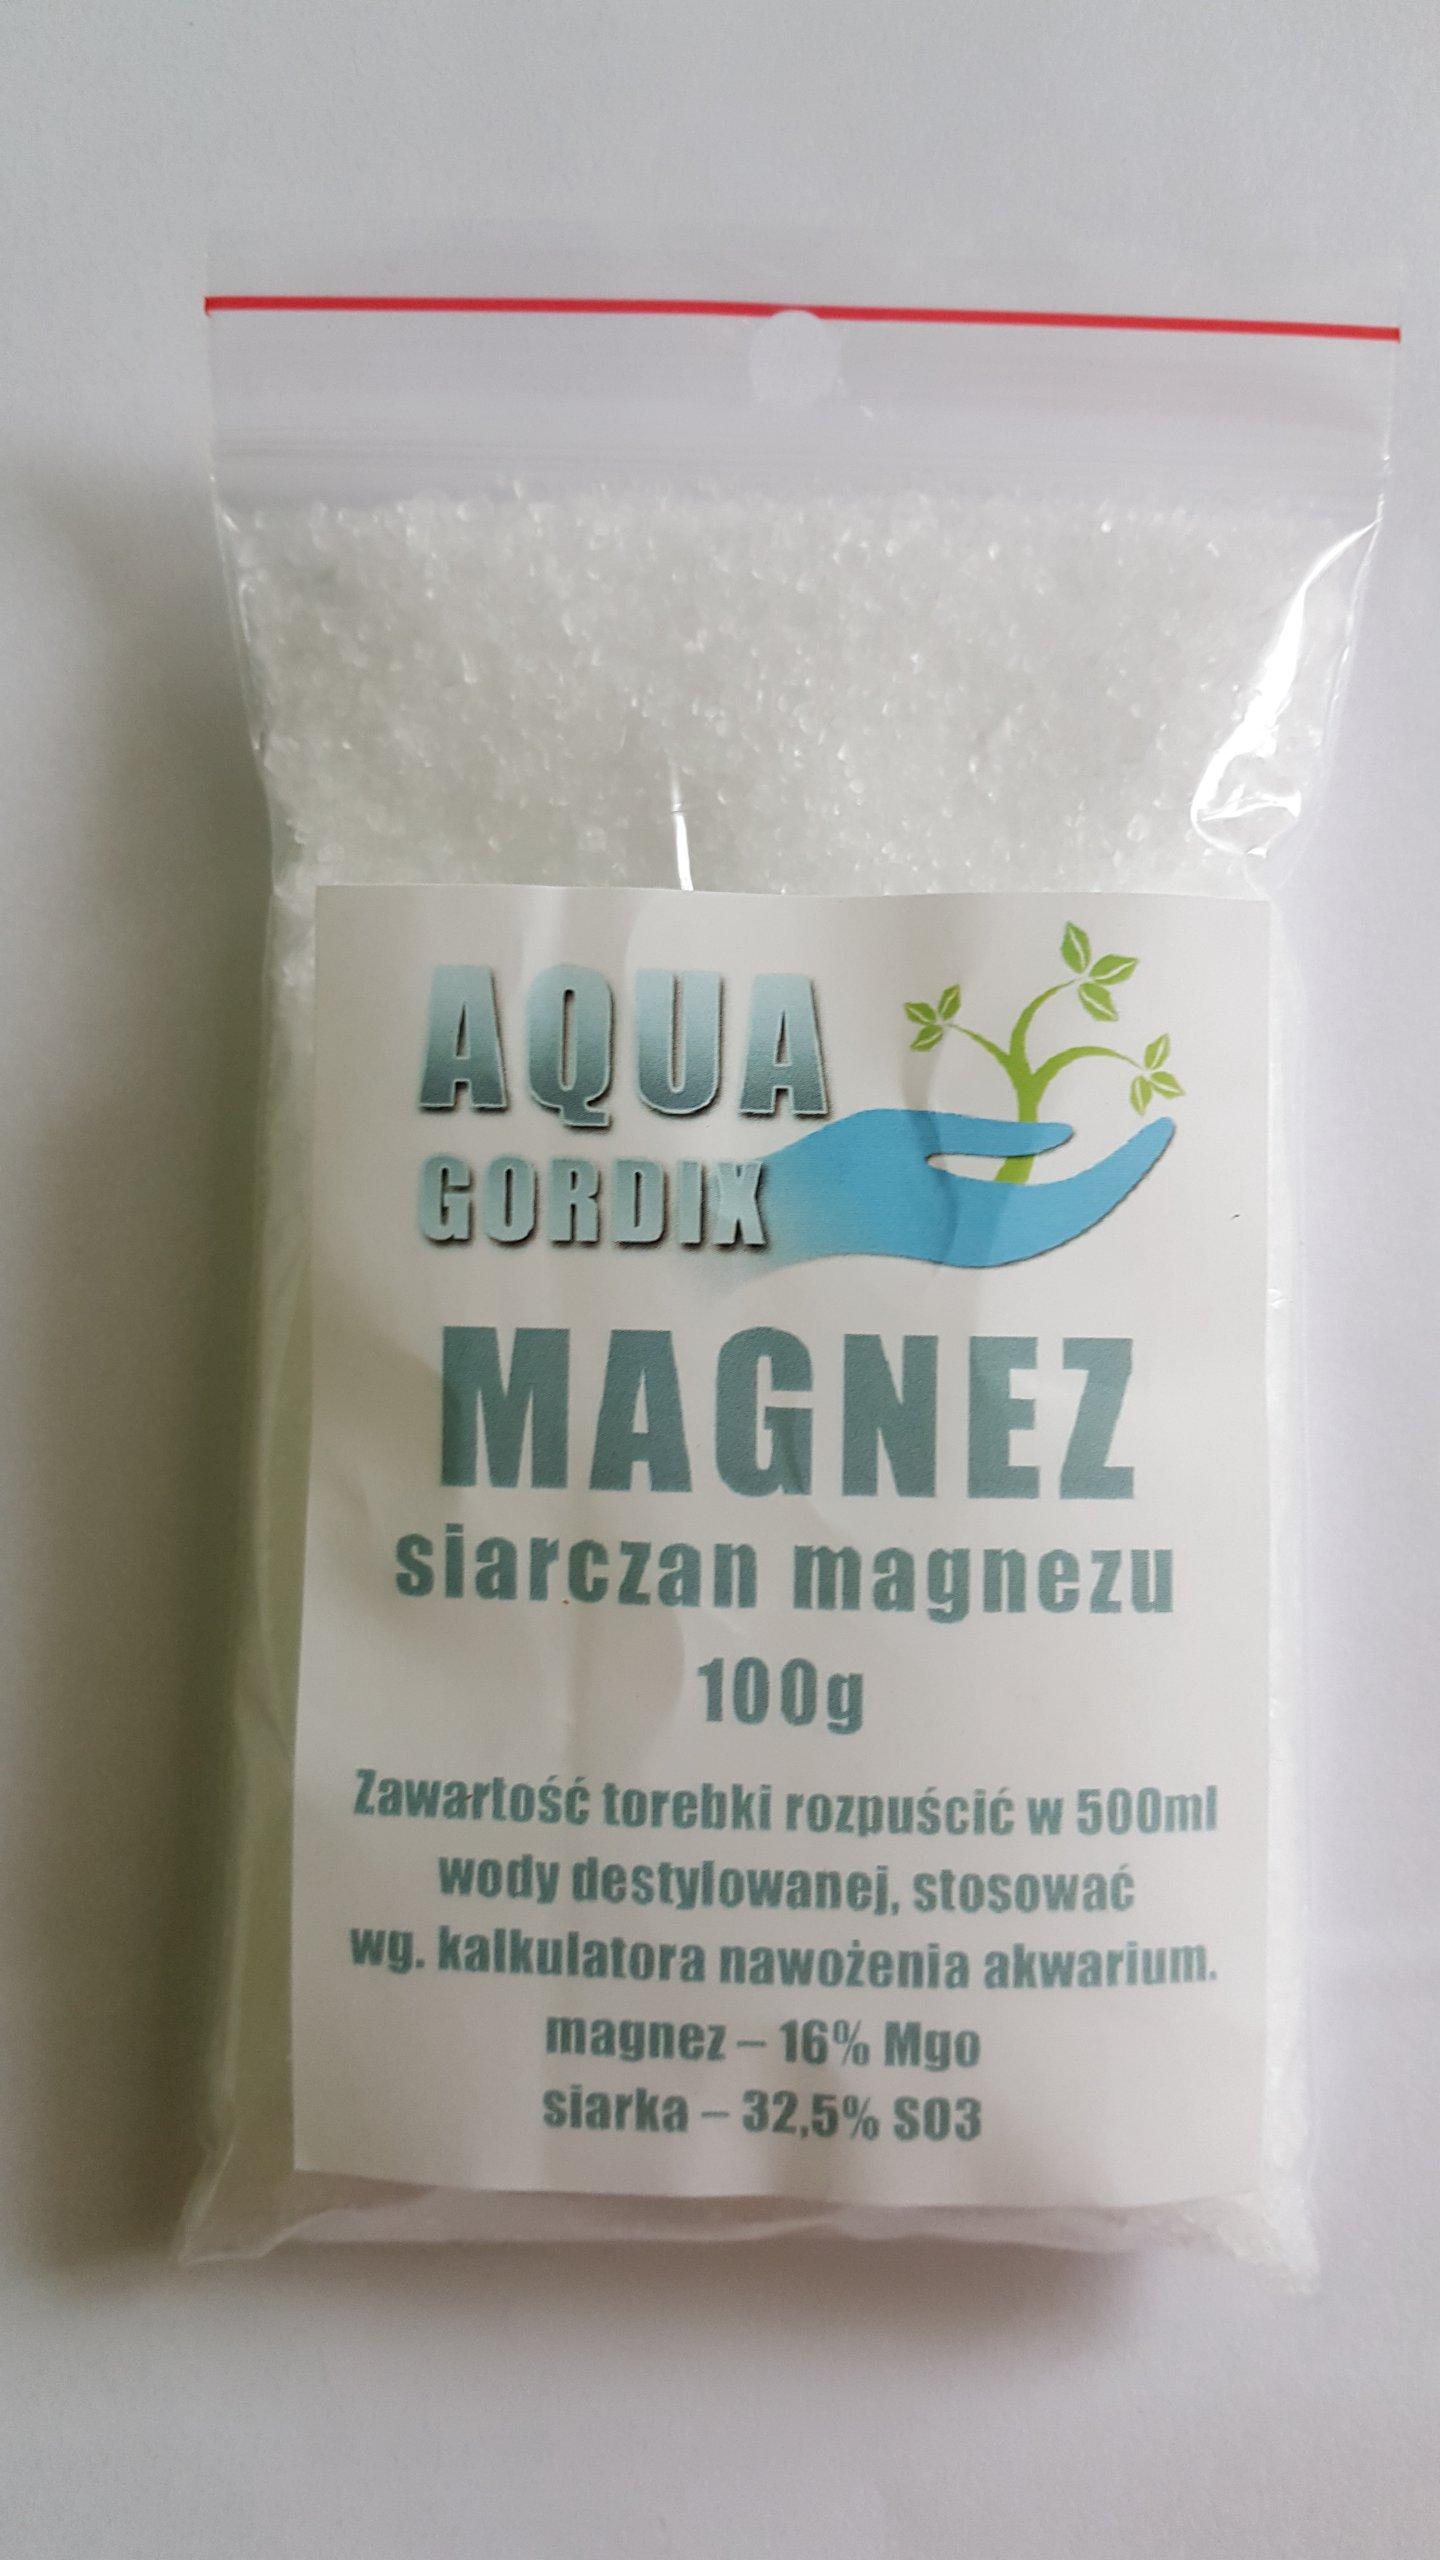 MAGNEZ - SIARCZAN MAGNEZU 100g MgSO4 - AKWARYSTYKA